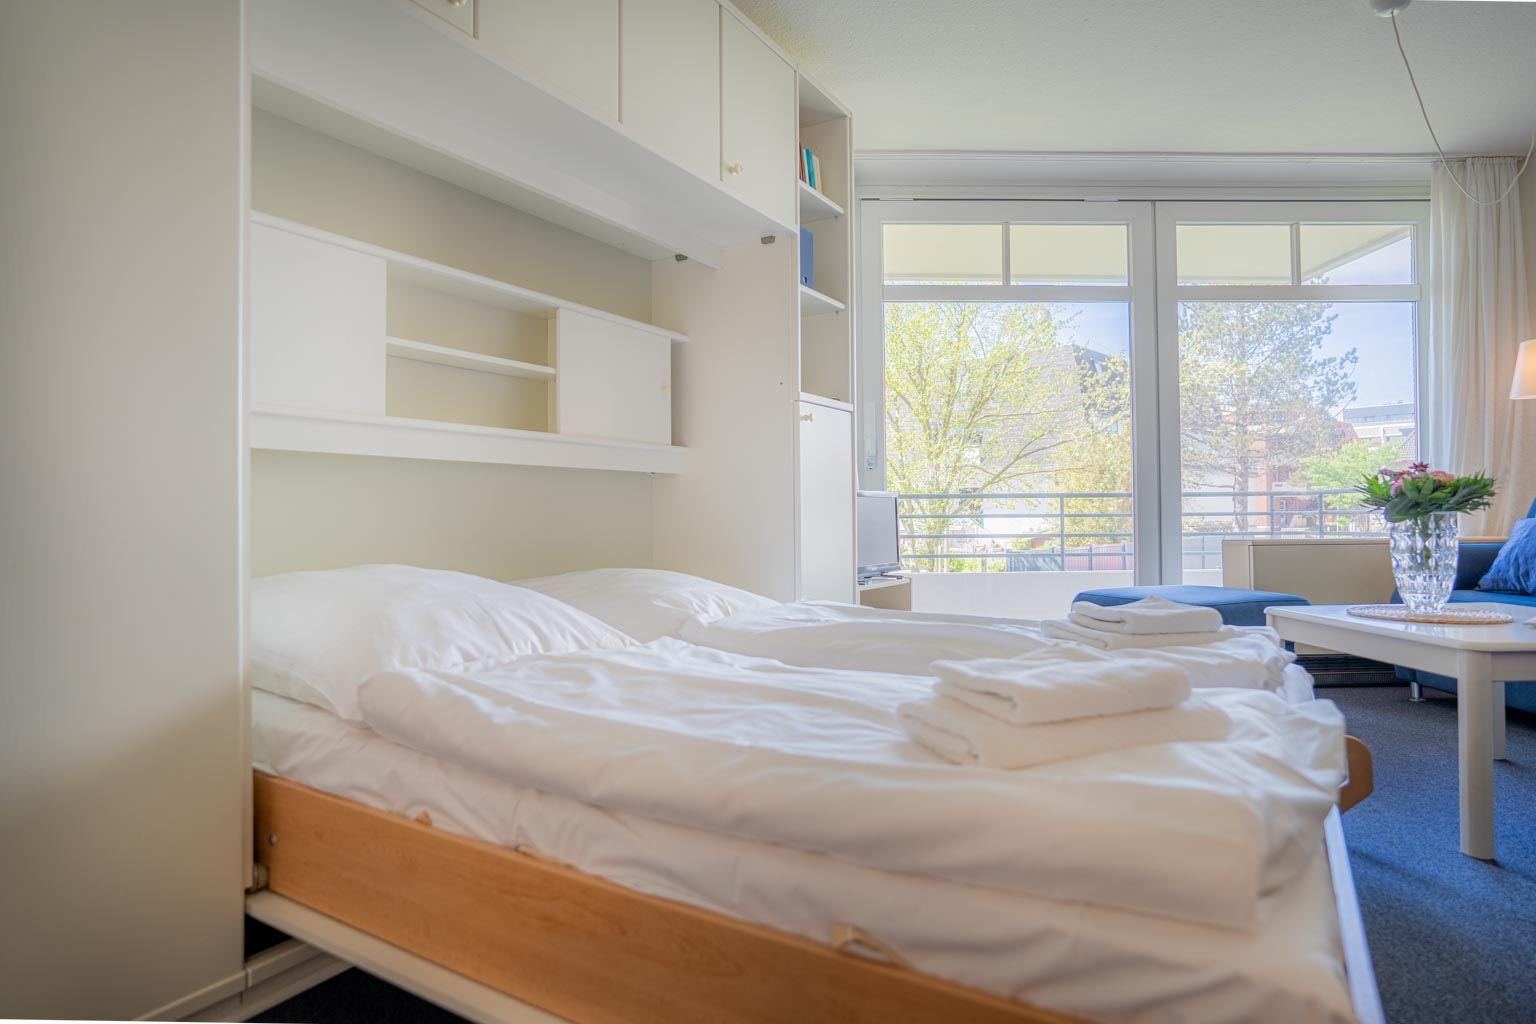 Wohnzimmer mit komfortablem Schrank-Doppelbett